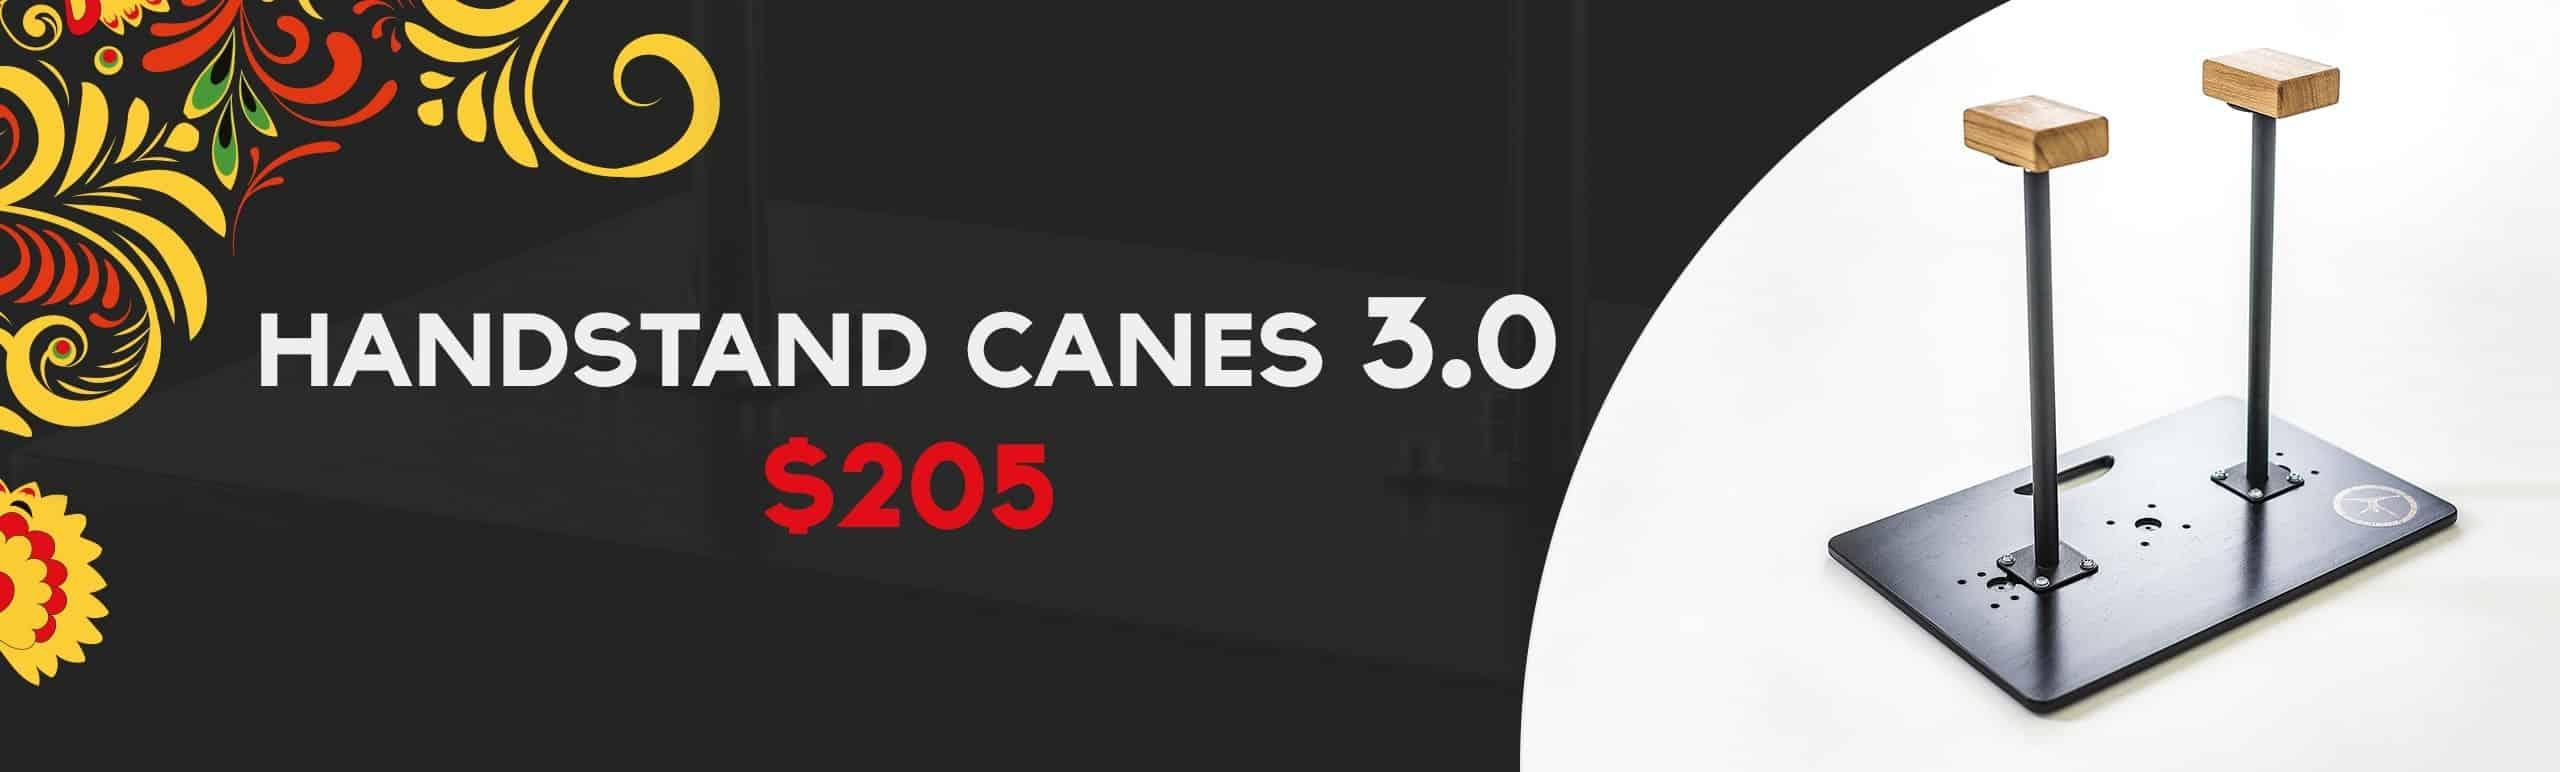 Handstand Canes